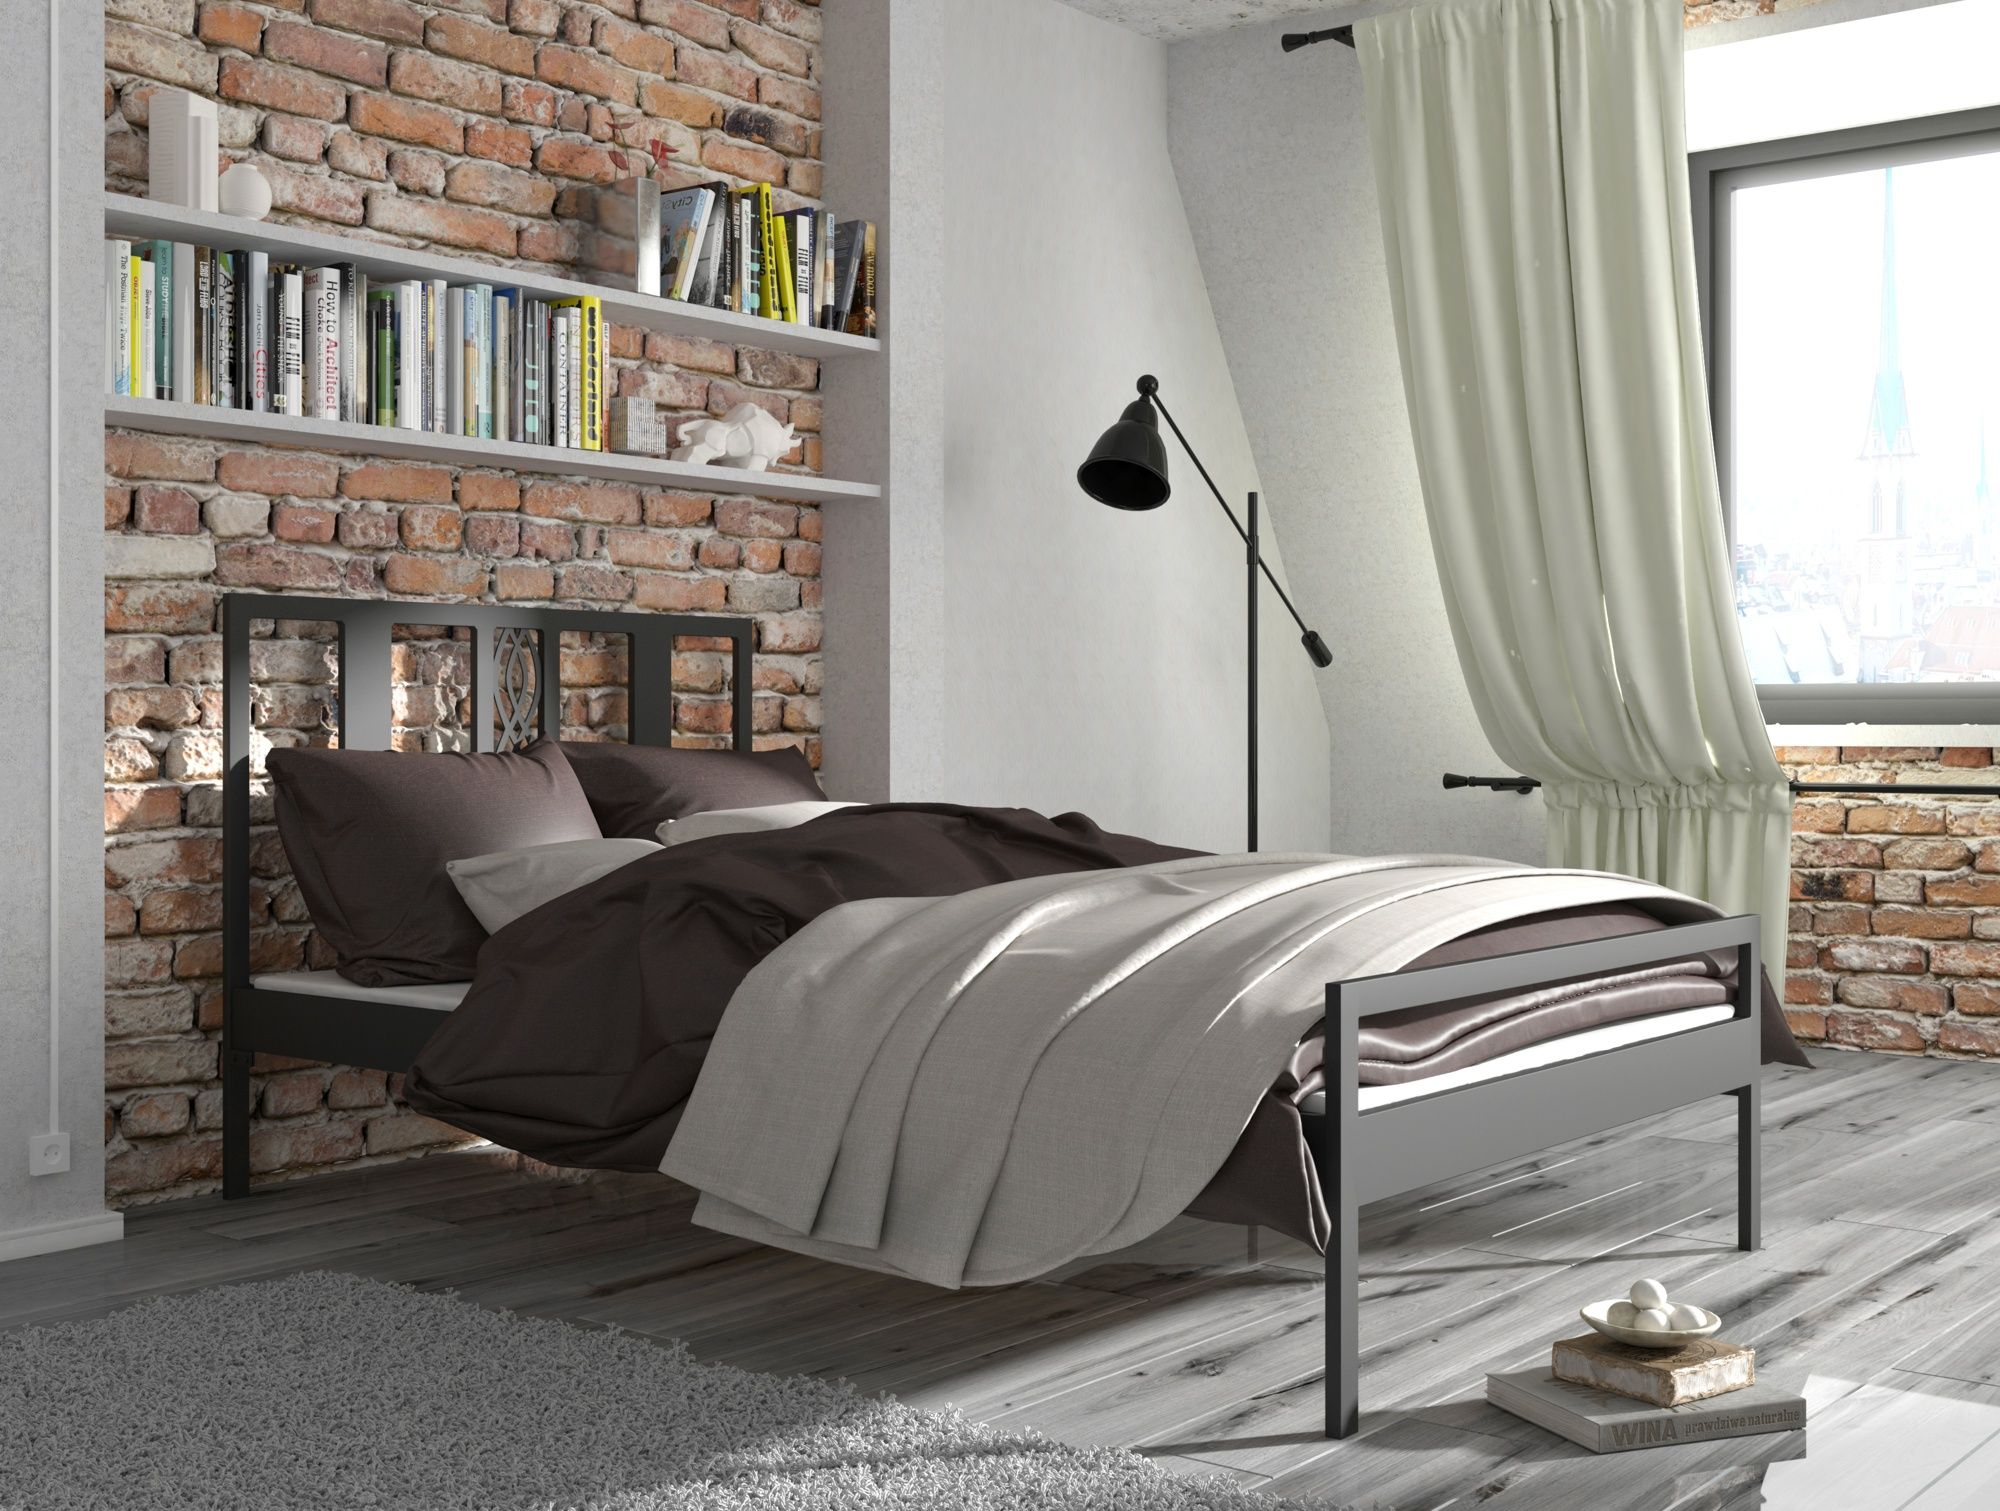 łóżko Metalowe Lak System Wzór 32 Styl Nowoczesny